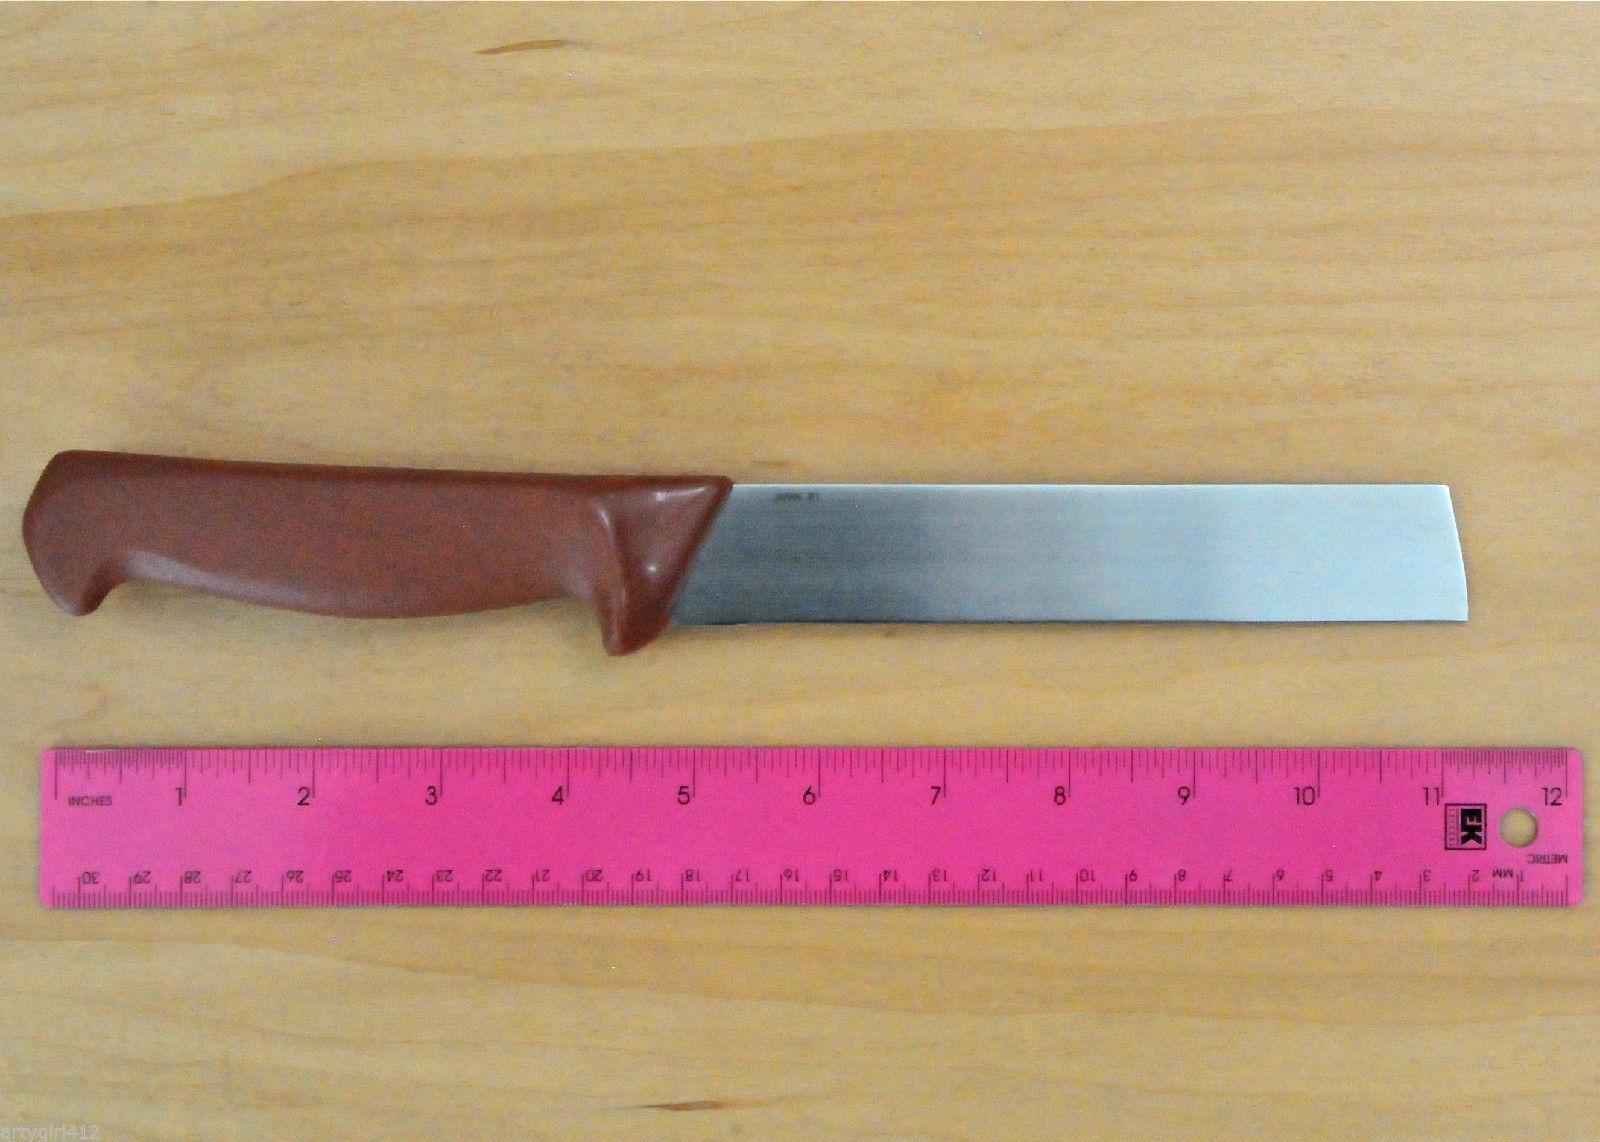 kaicut edges ahead produce knife japan new and 50 similar items